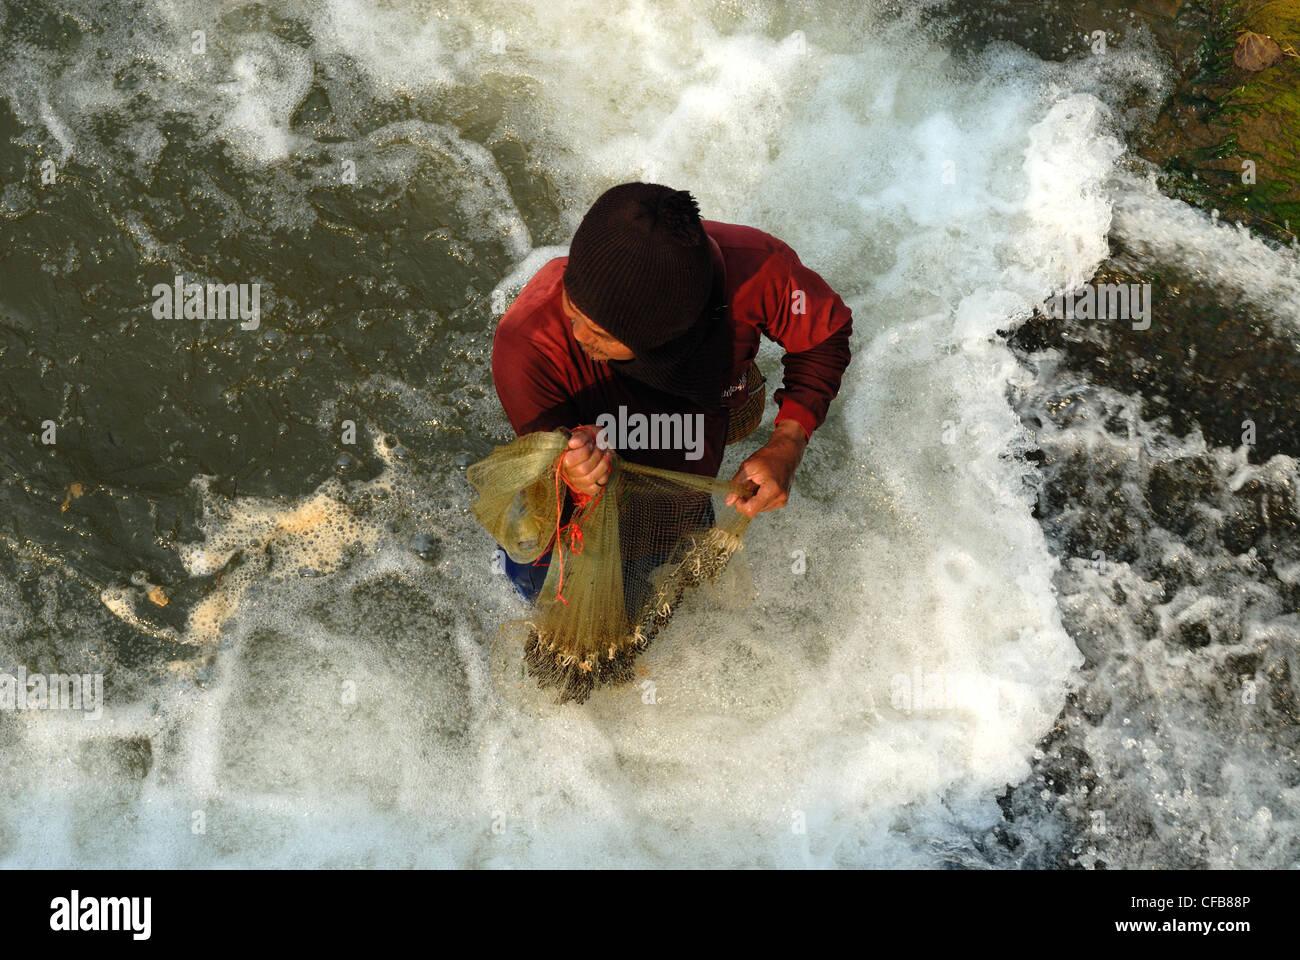 Pescatore solitario pesca luce beautifull preso dal ponte sopra.Chiang Mai nel nord della Thailandia giovedì Immagini Stock